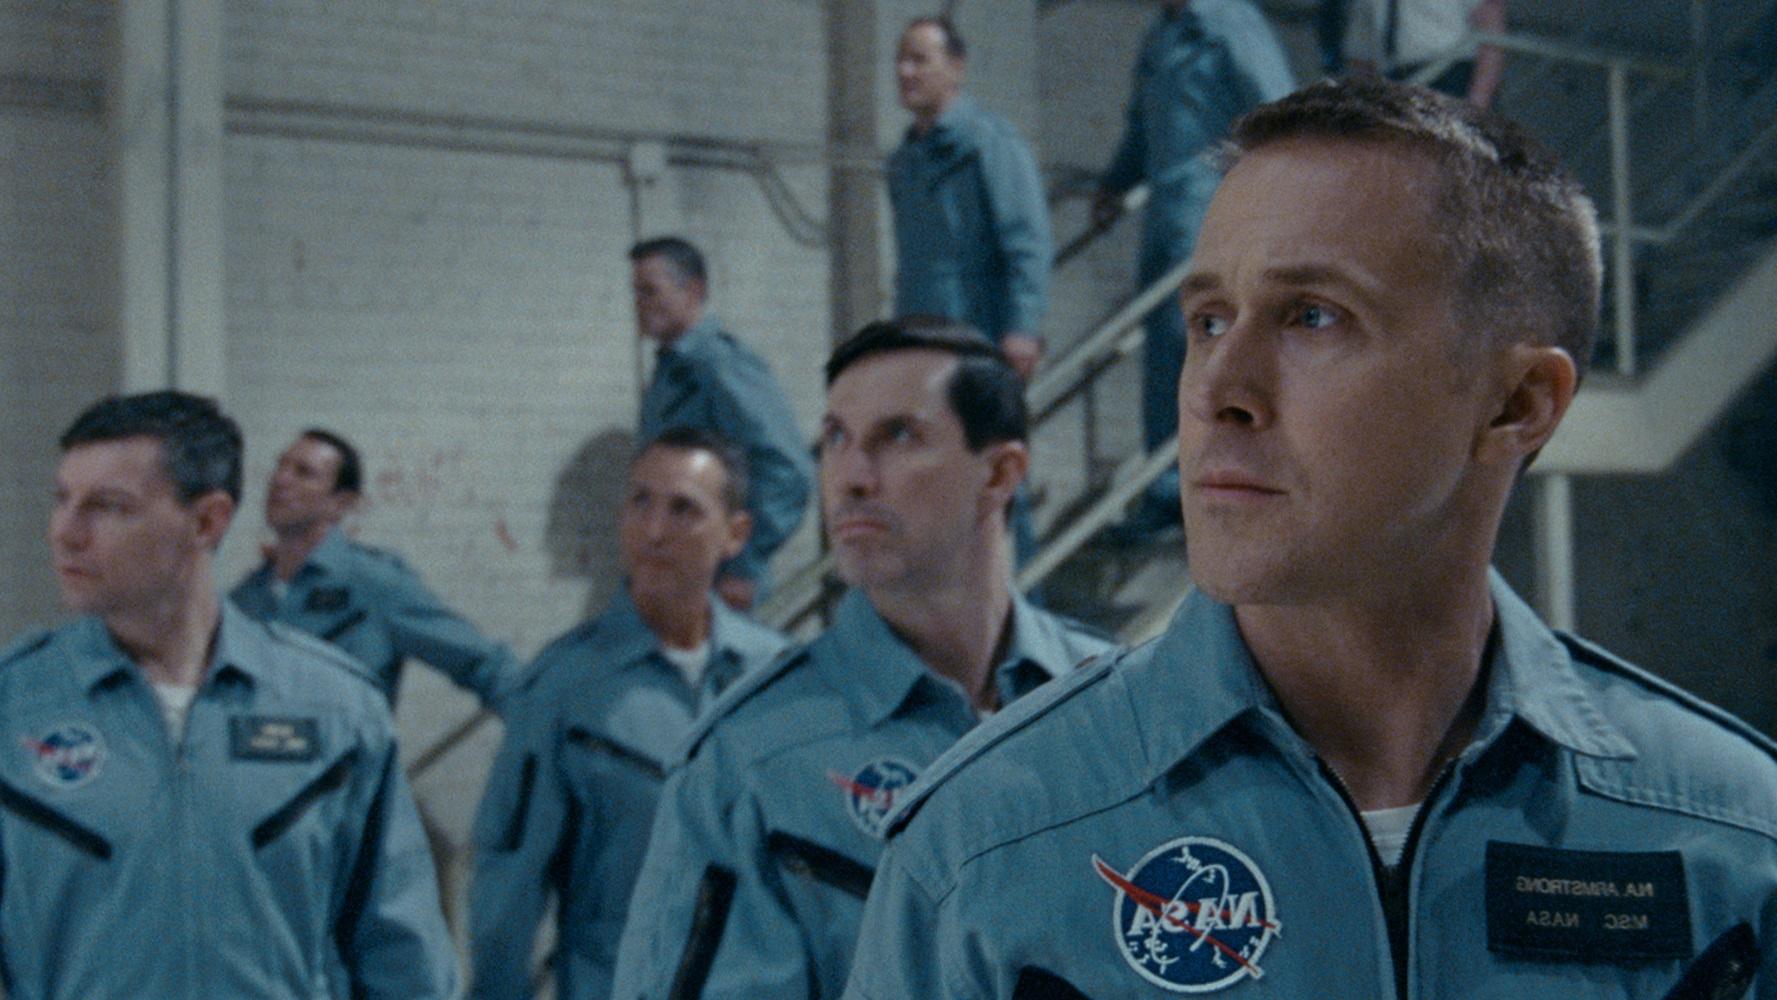 Aktualnie w kinie #207: Pierwszy człowiek, Zwyczajna przysługa